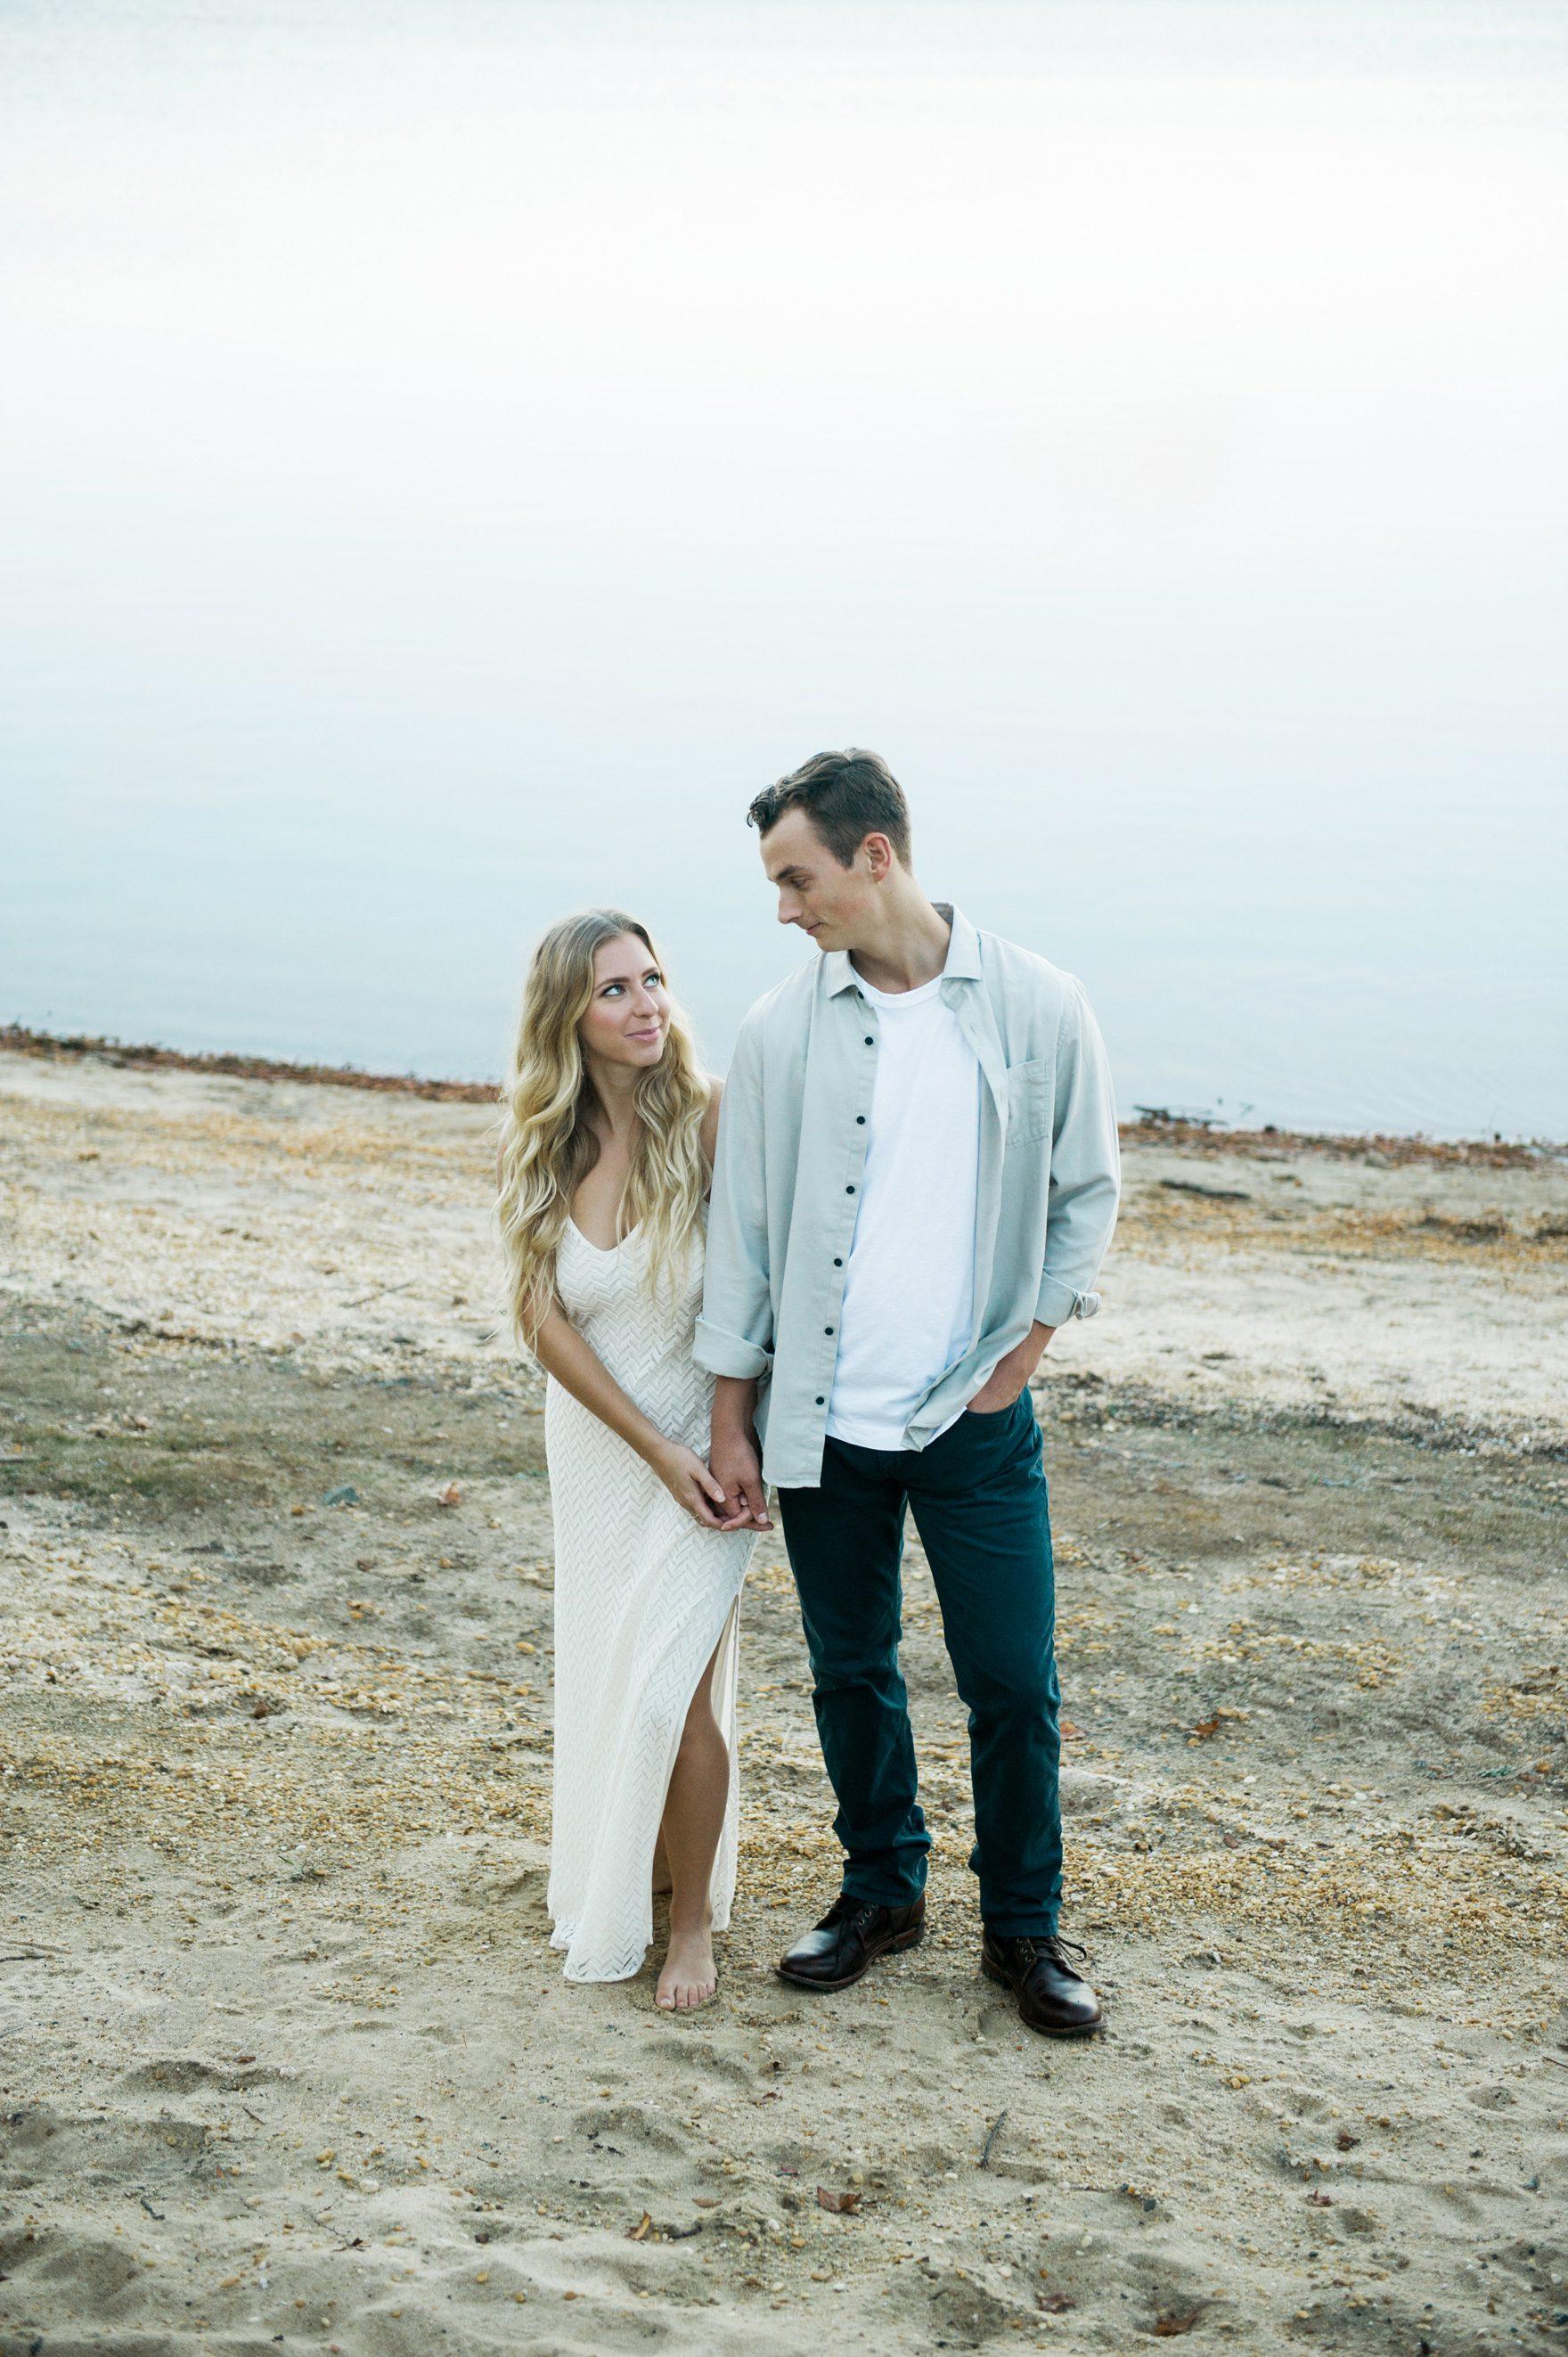 California-Destination-wedding-photographer-Christina-Lilly-012